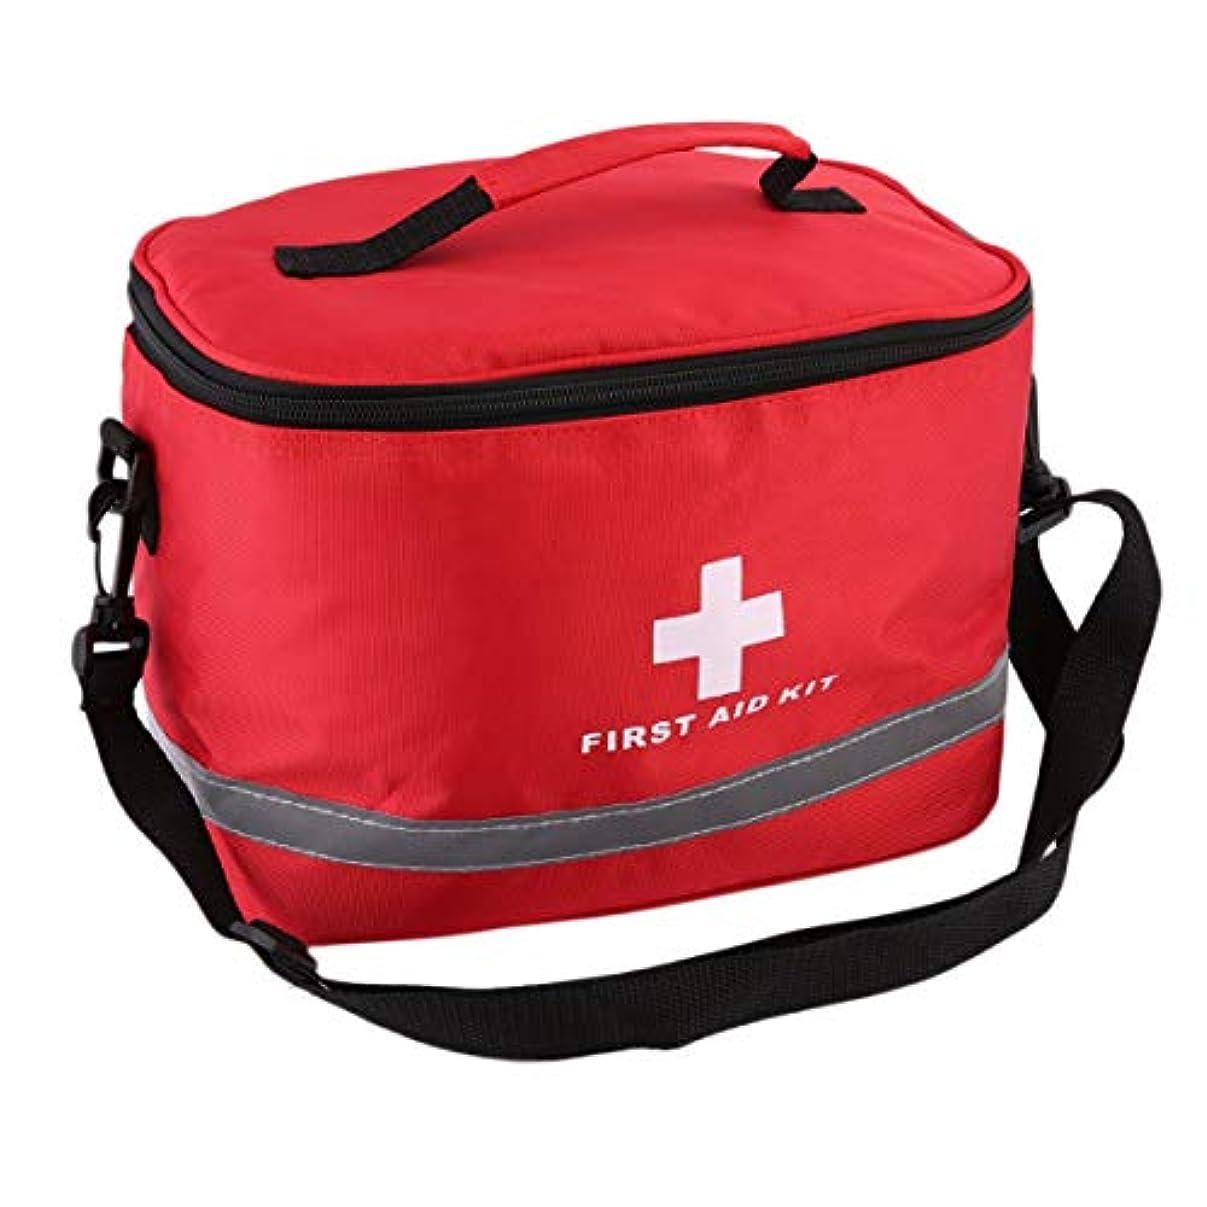 発症備品ペナルティIntercorey Red Nylon印象的なクロスシンボル高密度Ripstopスポーツキャンプホーム医療緊急サバイバル応急処置キットバッグアウトドア